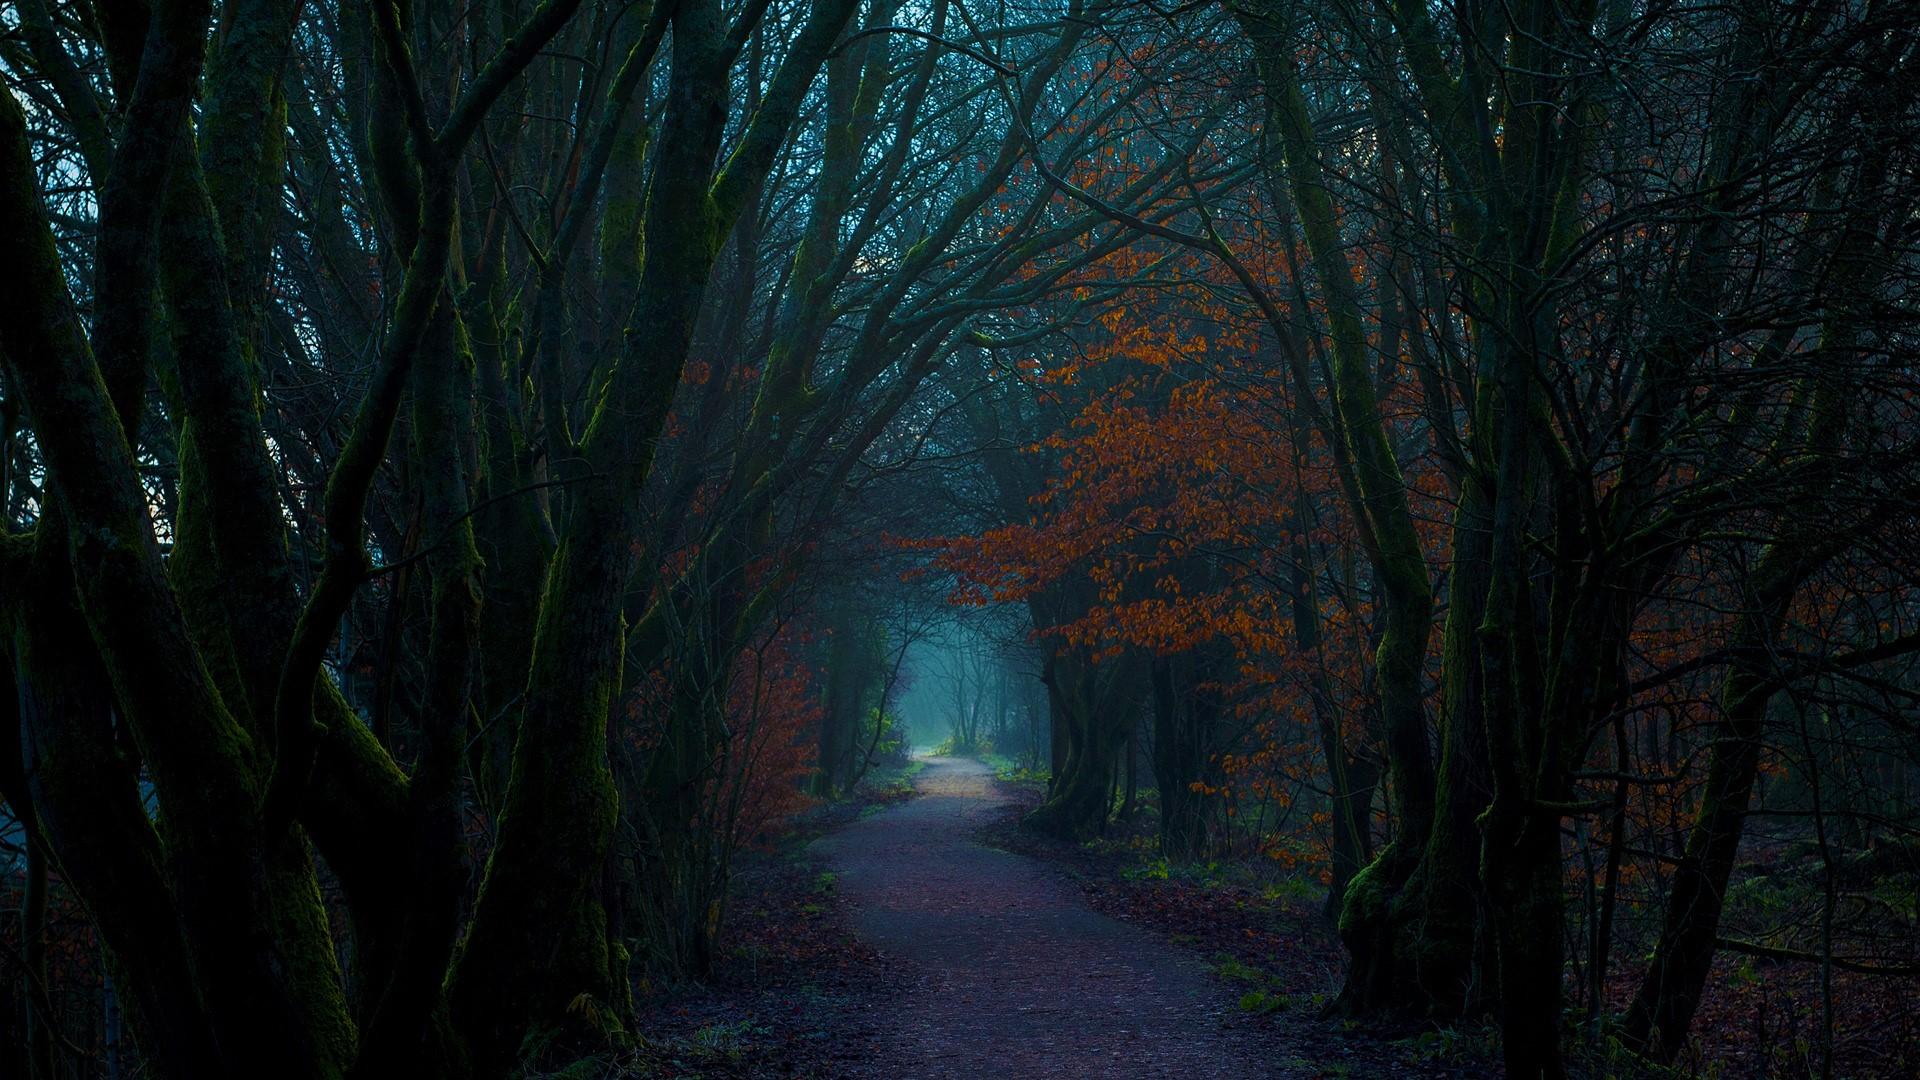 dark autumn forest path hd wallpaper background image